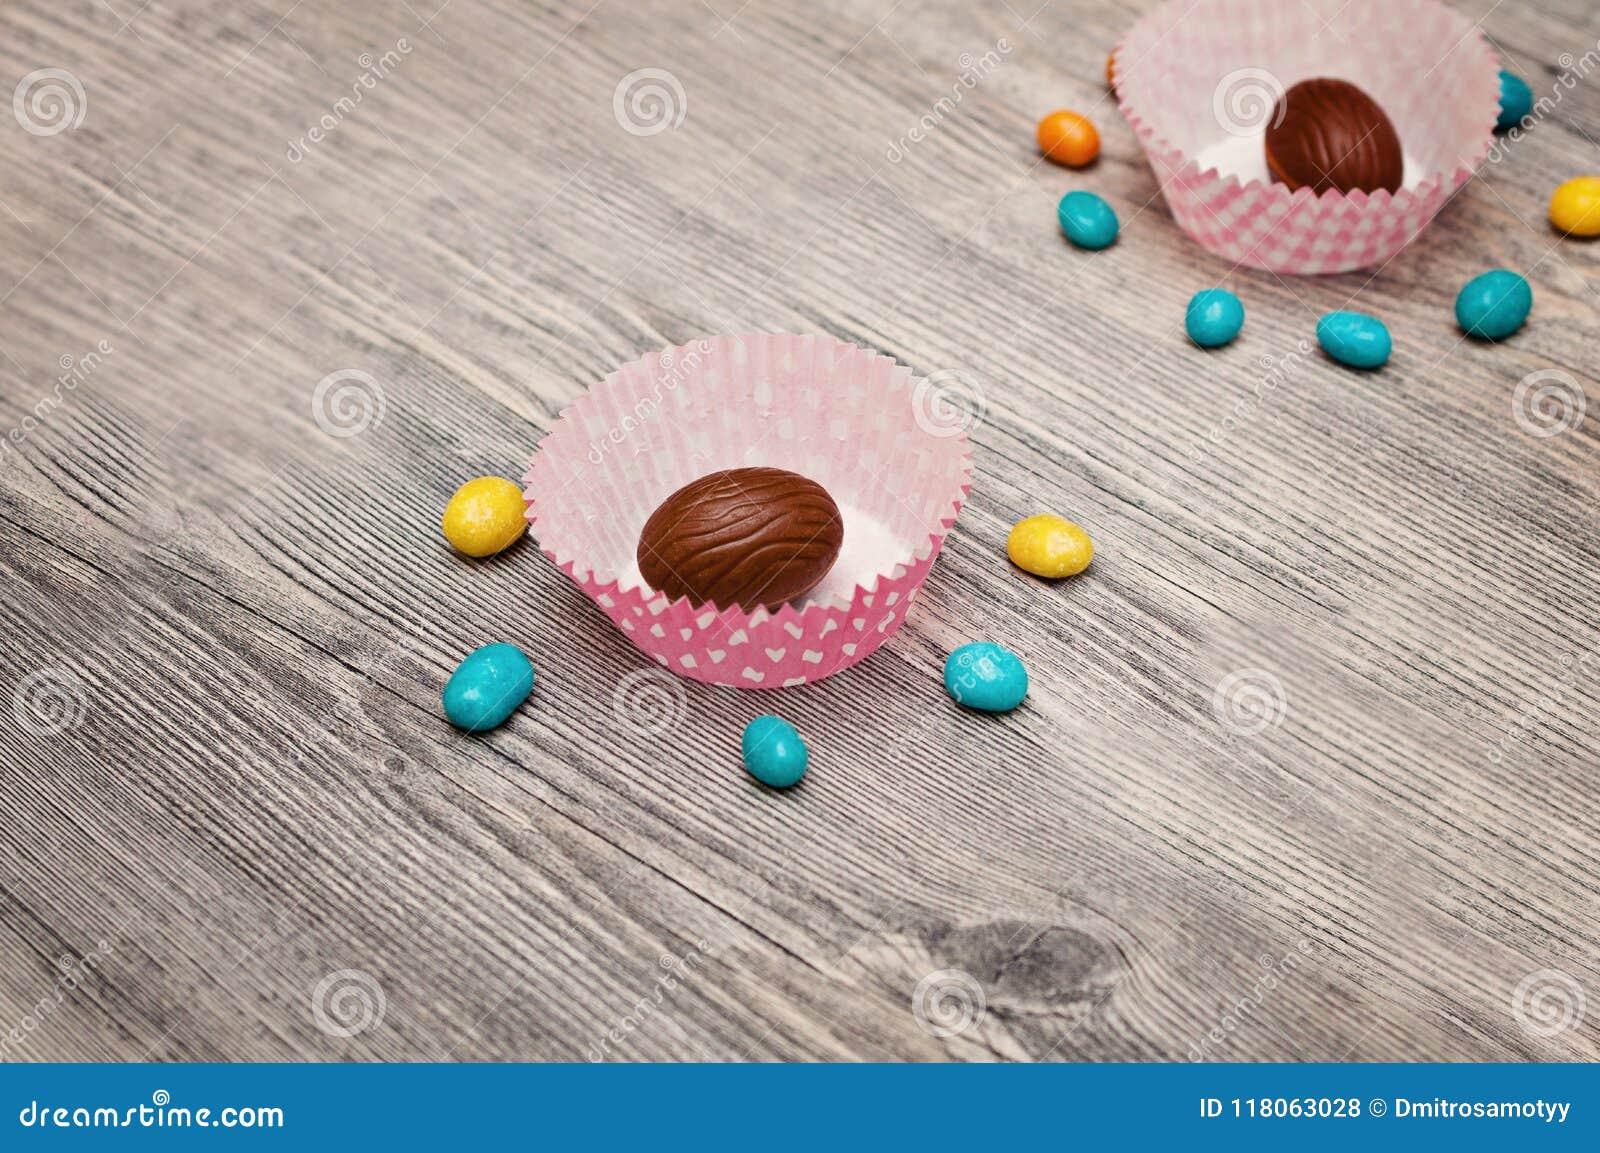 Fondo de huevos El fondo feliz de las letras de Pascua con brillo de oro realista adornó los huevos, confeti, chapoteo de oro del